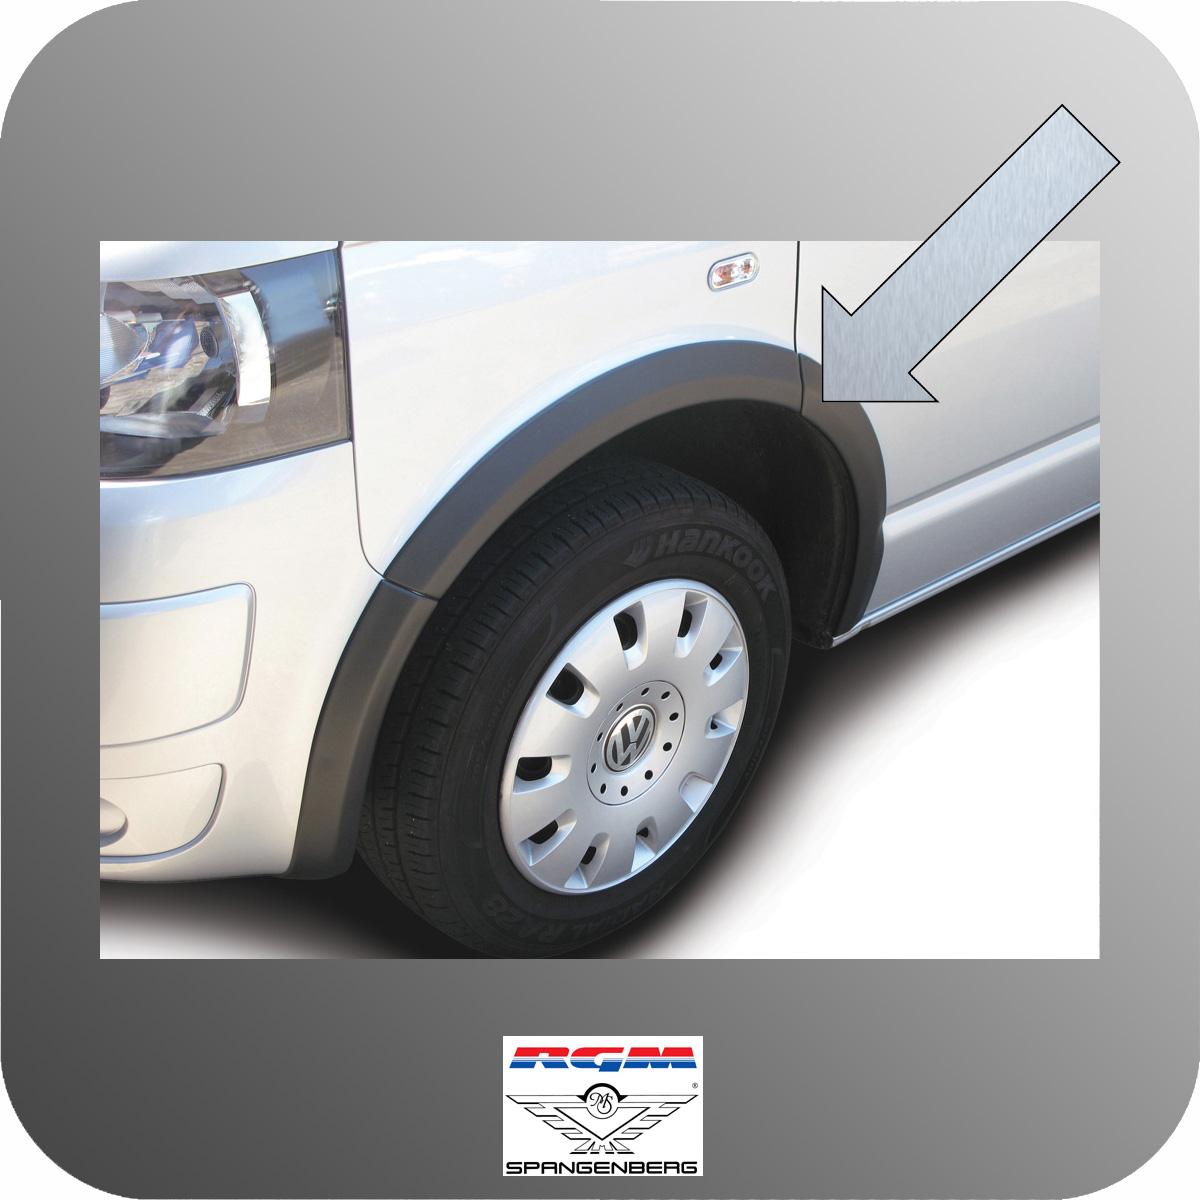 Radlaufabdeckung für VW T6.1 kurz 2 Schiebetüren & Heckklappe ab 11.19- 7420653